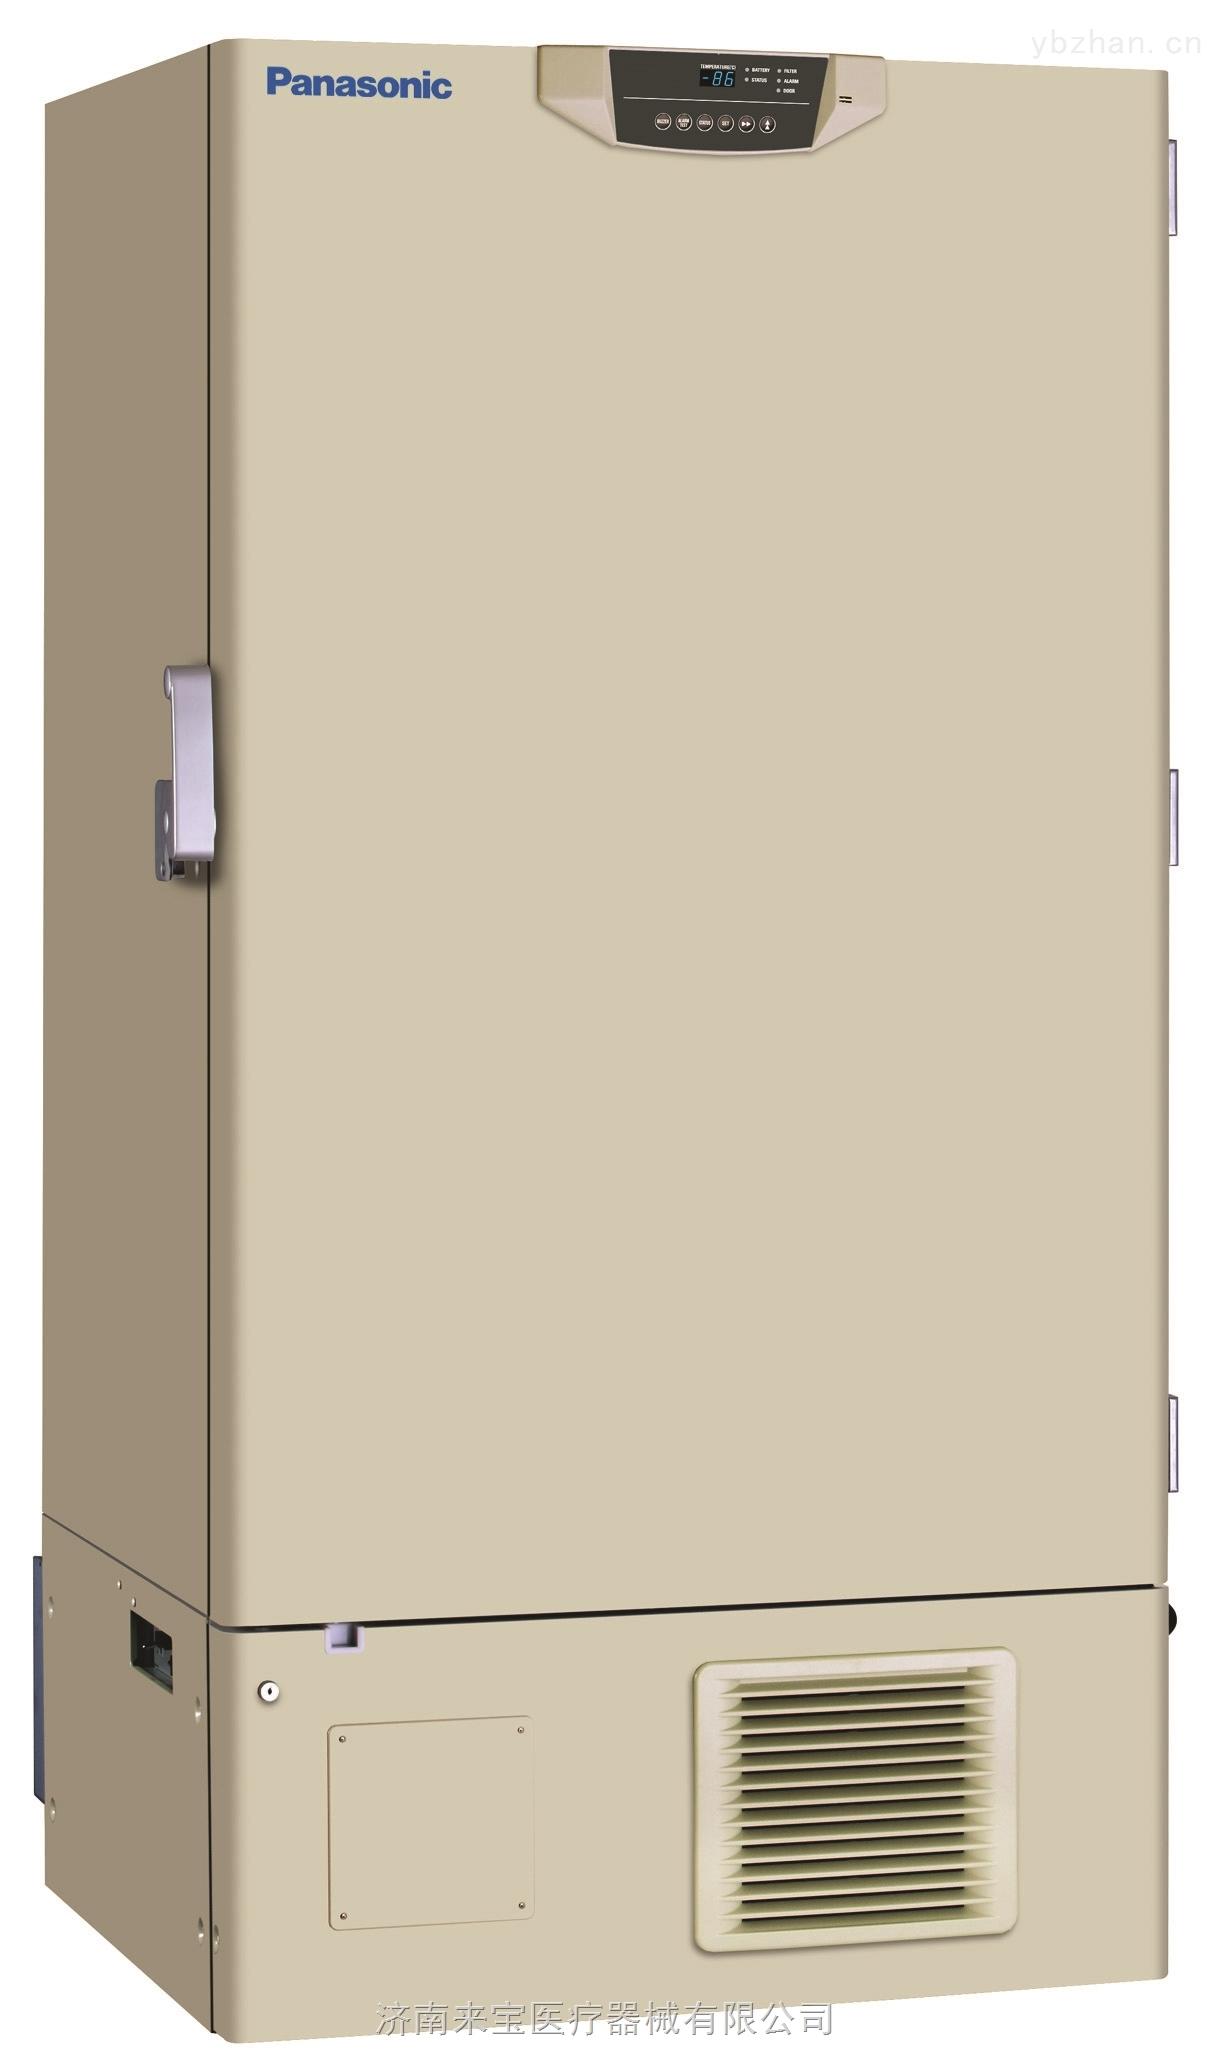 松下(原三洋品牌)超低温冰箱MDF-U794V价格